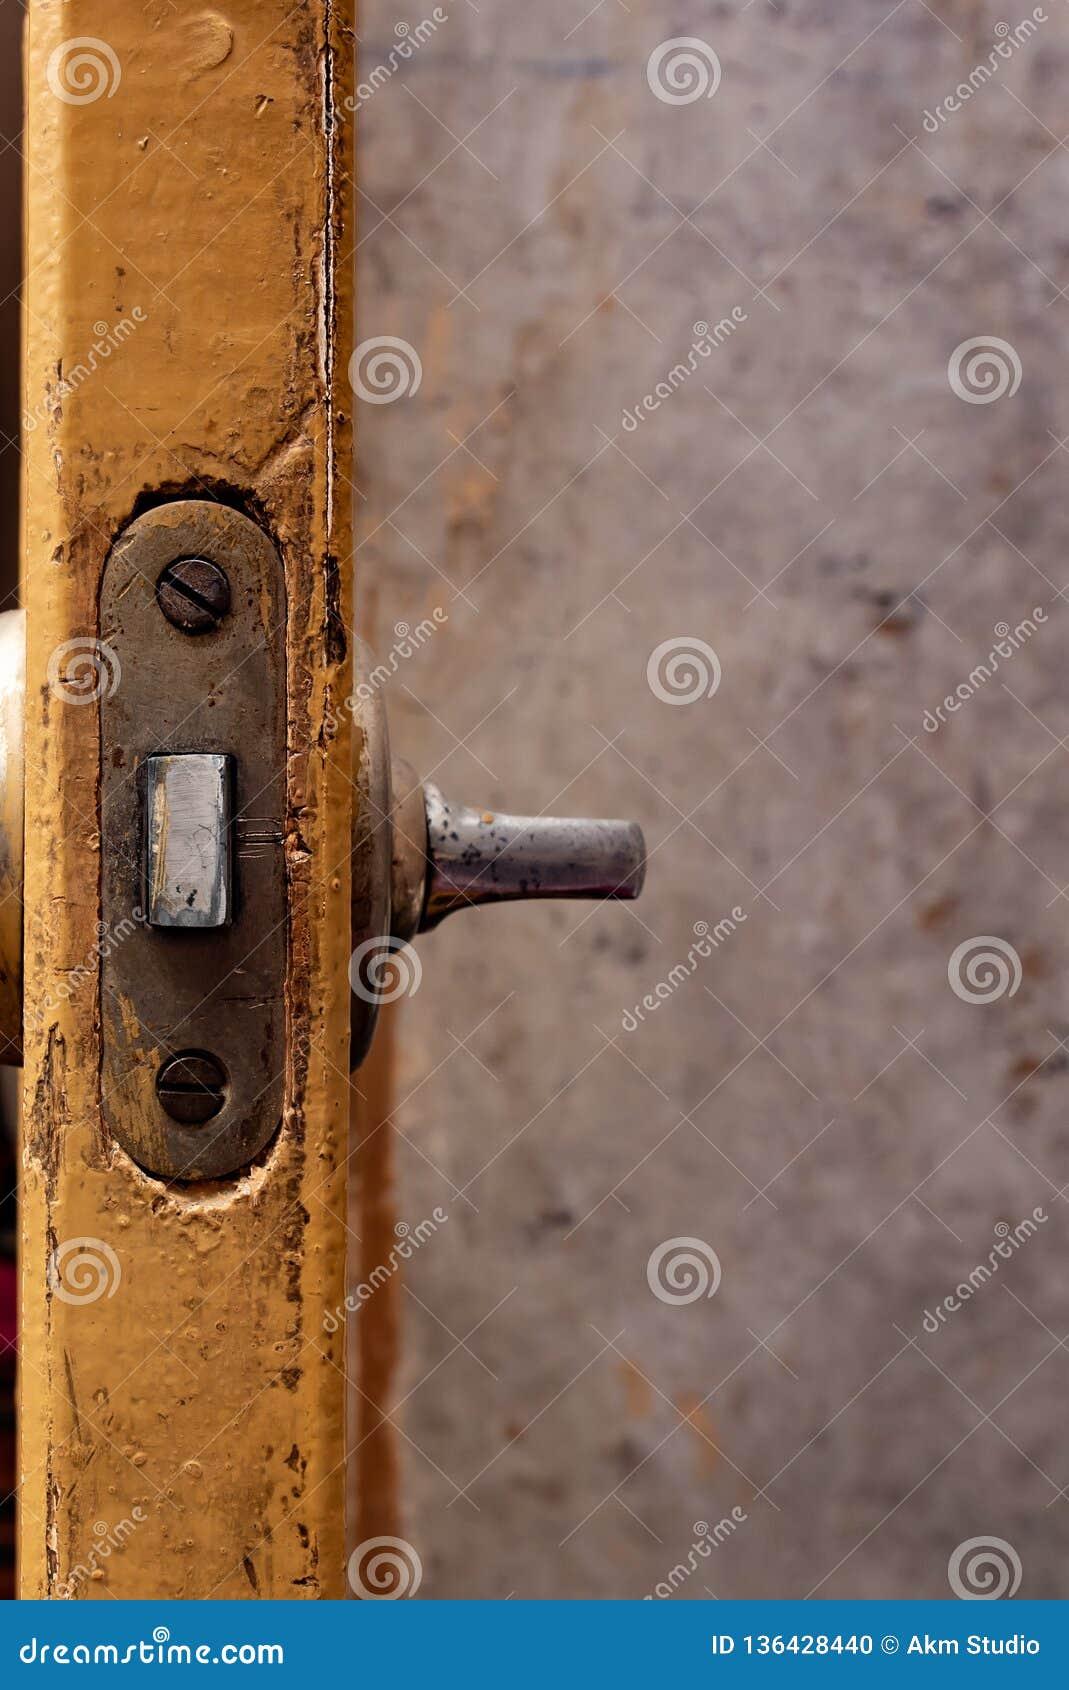 Old Door Lock, Door Replacement Stock Photo - Image of photo